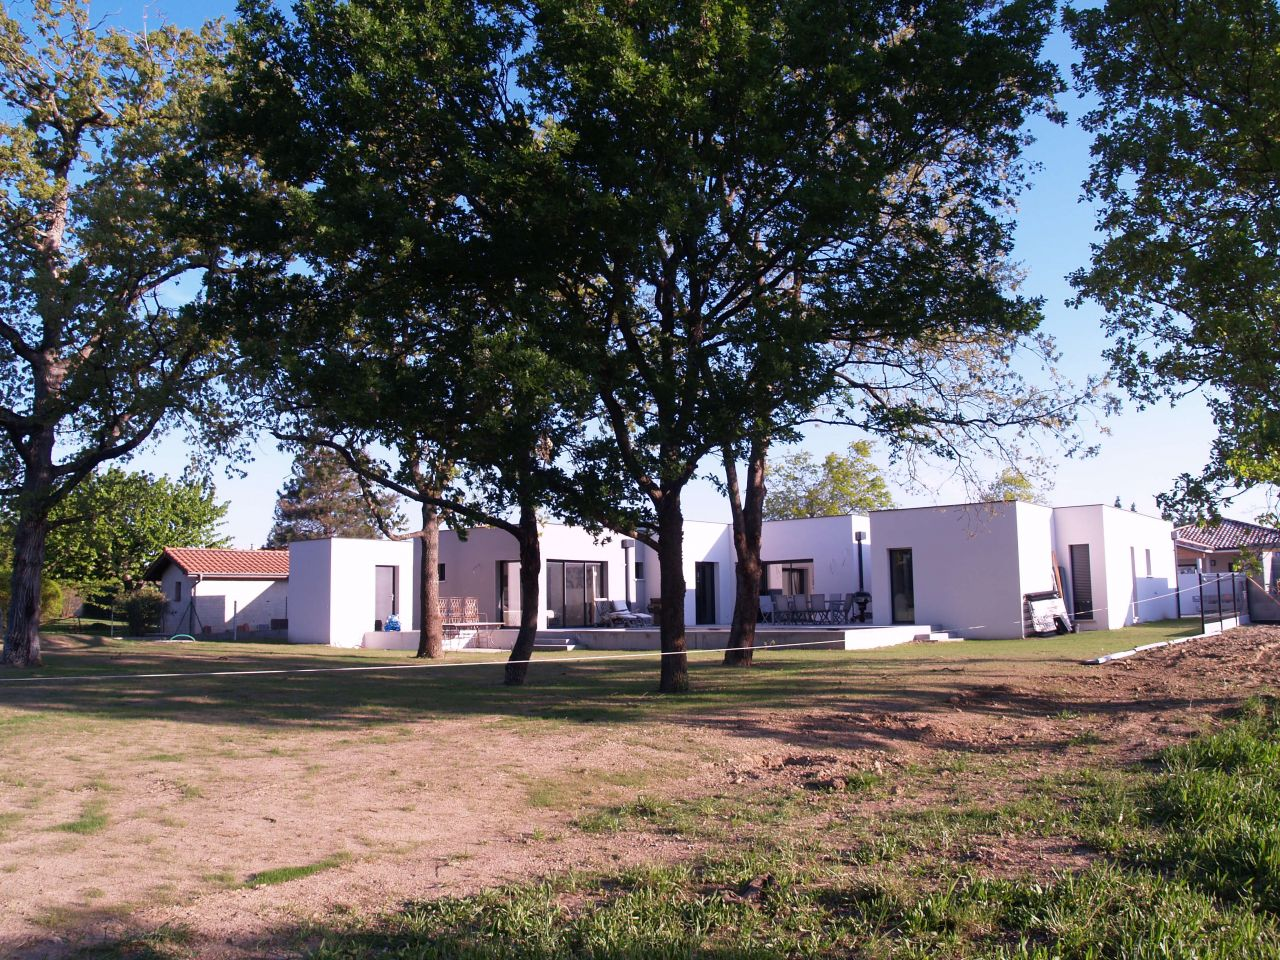 la façade sud et le jardin, vus de l'extrémité sud-est du terrain. L'herbe point et la clôture avance doucement - panneaux rigides sur piquets et demi-chaperons au sol